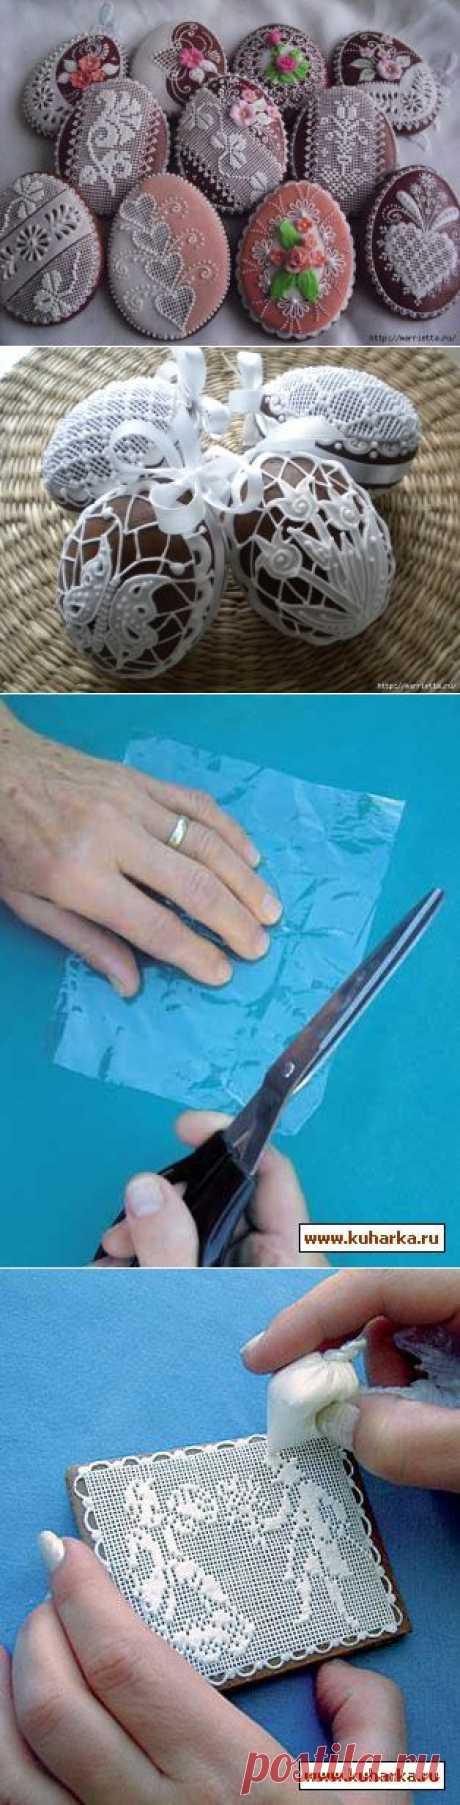 (+1) тема - Пасхальные пряники. Красота) и мастер-класс по росписи | Хвастуны и хвастушки